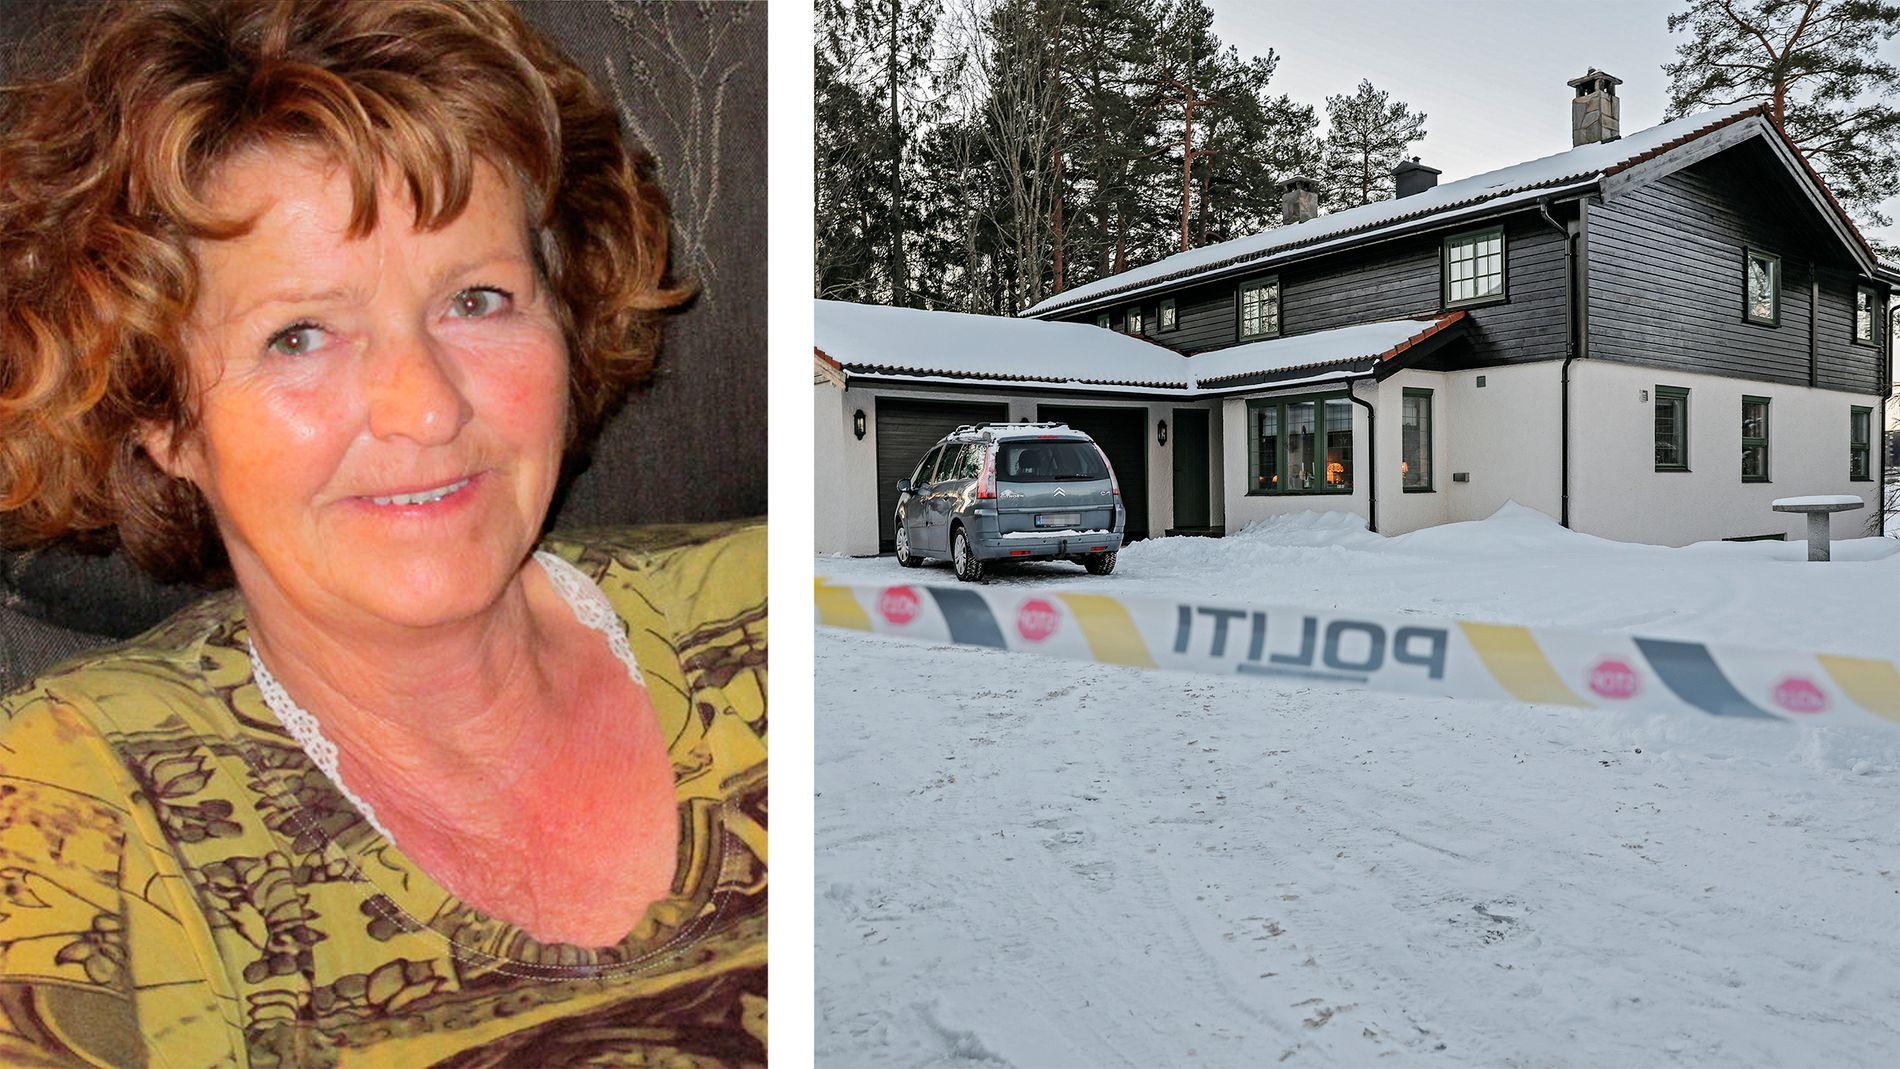 FORSVUNNET: Anne-Elisabeth Hagen har vært savnet siden 31. oktober. Politiet mener hun ble bortført fra sitt hjem i Sloraveien i Lørenskog.